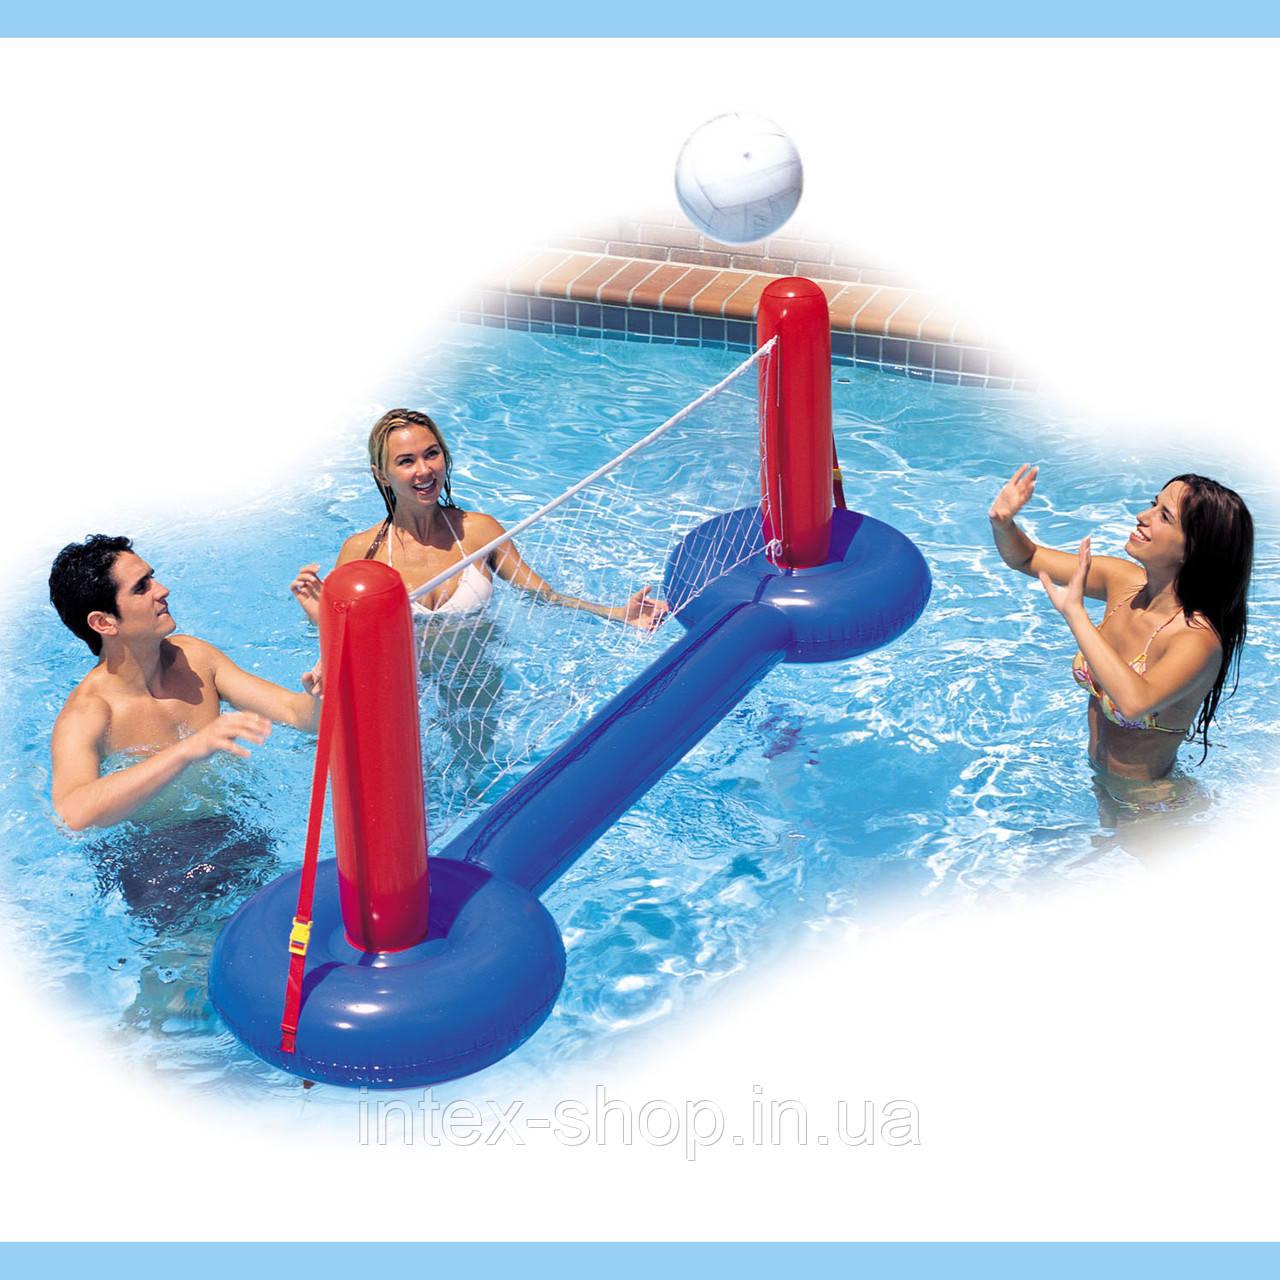 Надувной набор для водного волейбола с сеткой Intex 58502